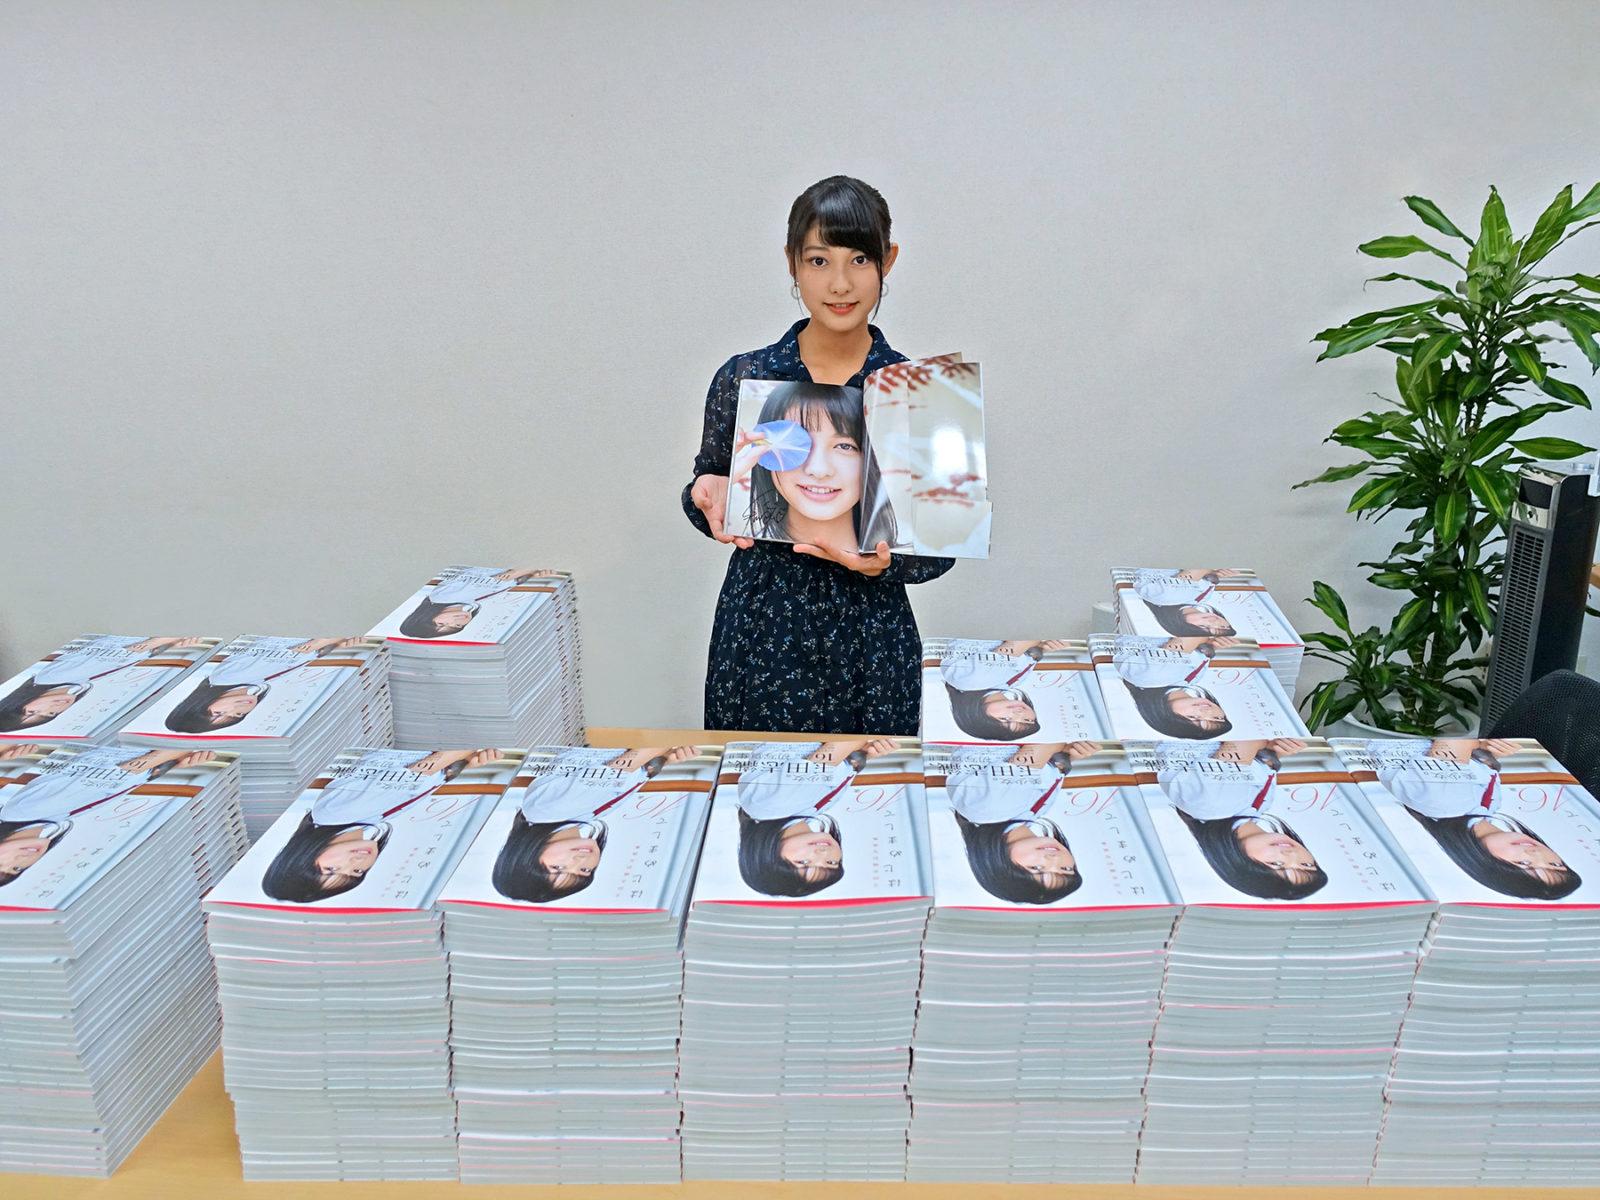 国民的美少女・玉田志織1st写真集 「はじめまして 16歳」発売記念握手会を開催サムネイル画像